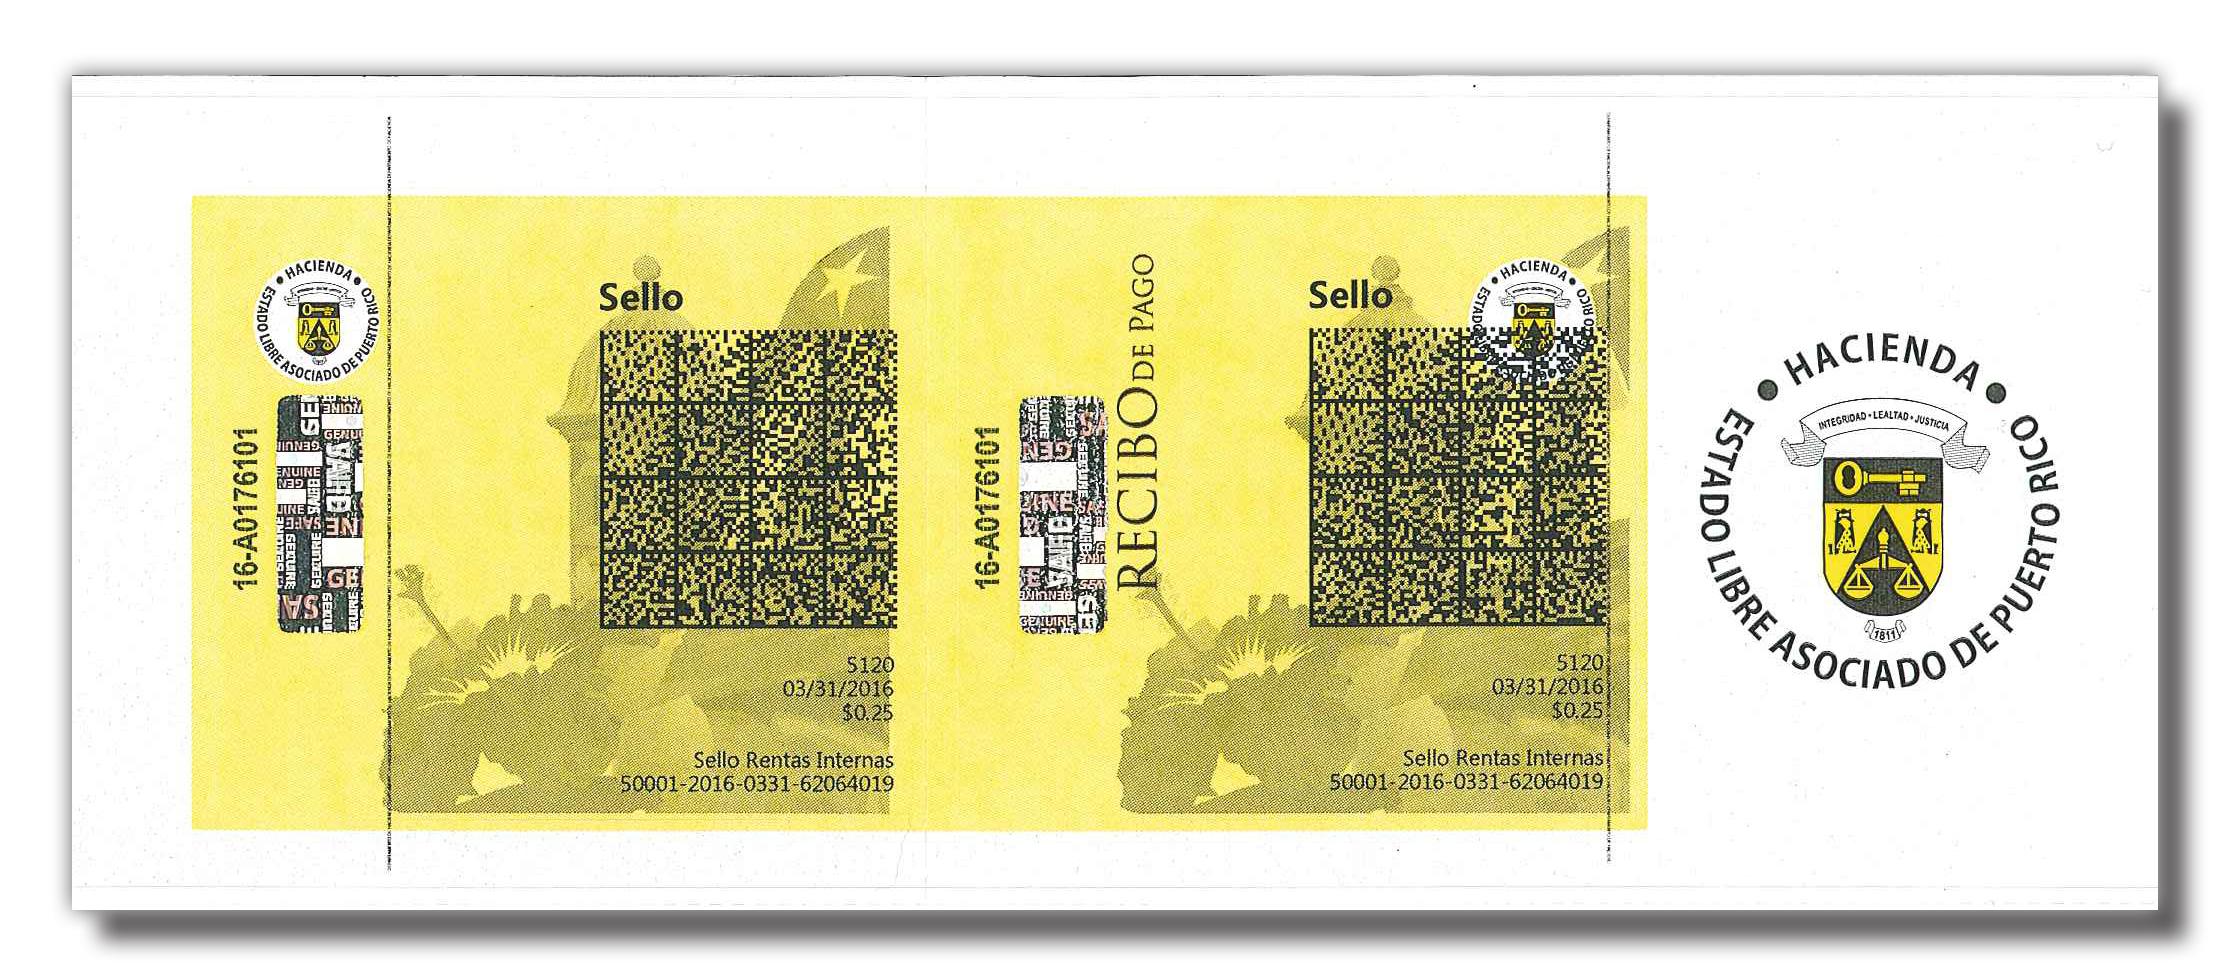 Banca Oriental De Pr: imprimir y/o vender sellos y comprobantes – Microjuris – Puerto Rico